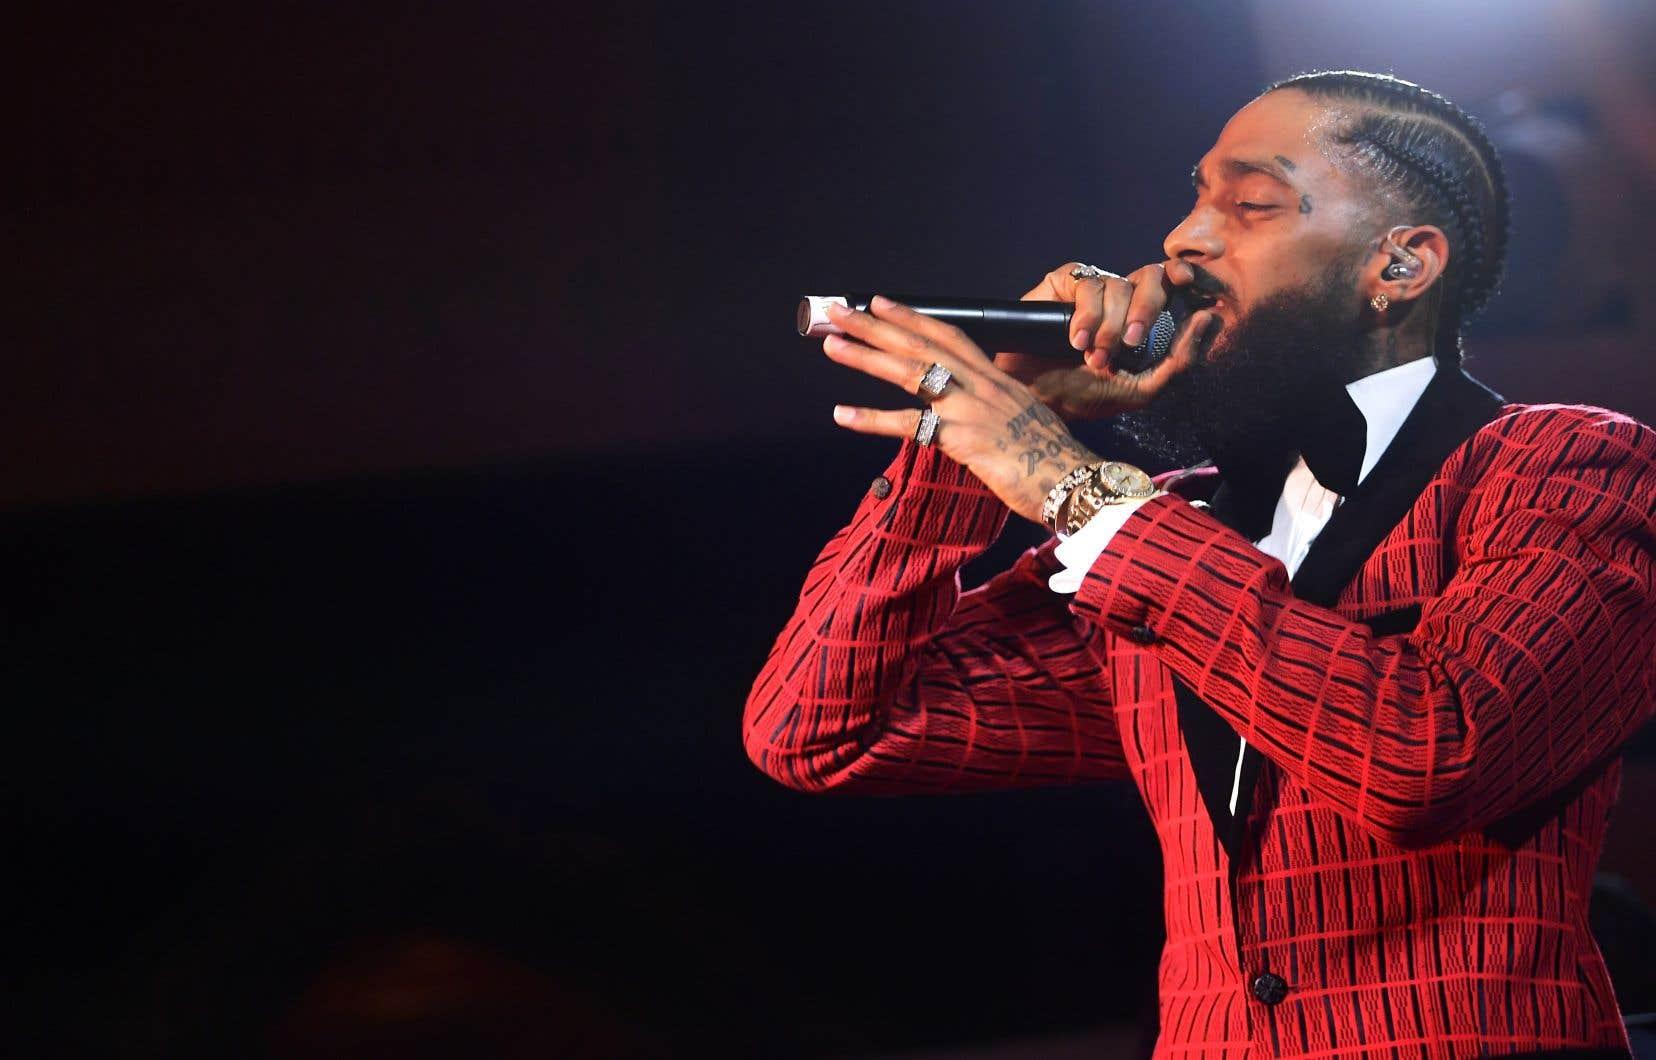 De nombreuses stars ont rendu hommage au rappeur Nipsey Husslequi, à défaut de succès commercial, avait l'estime du monde du hip-hop.